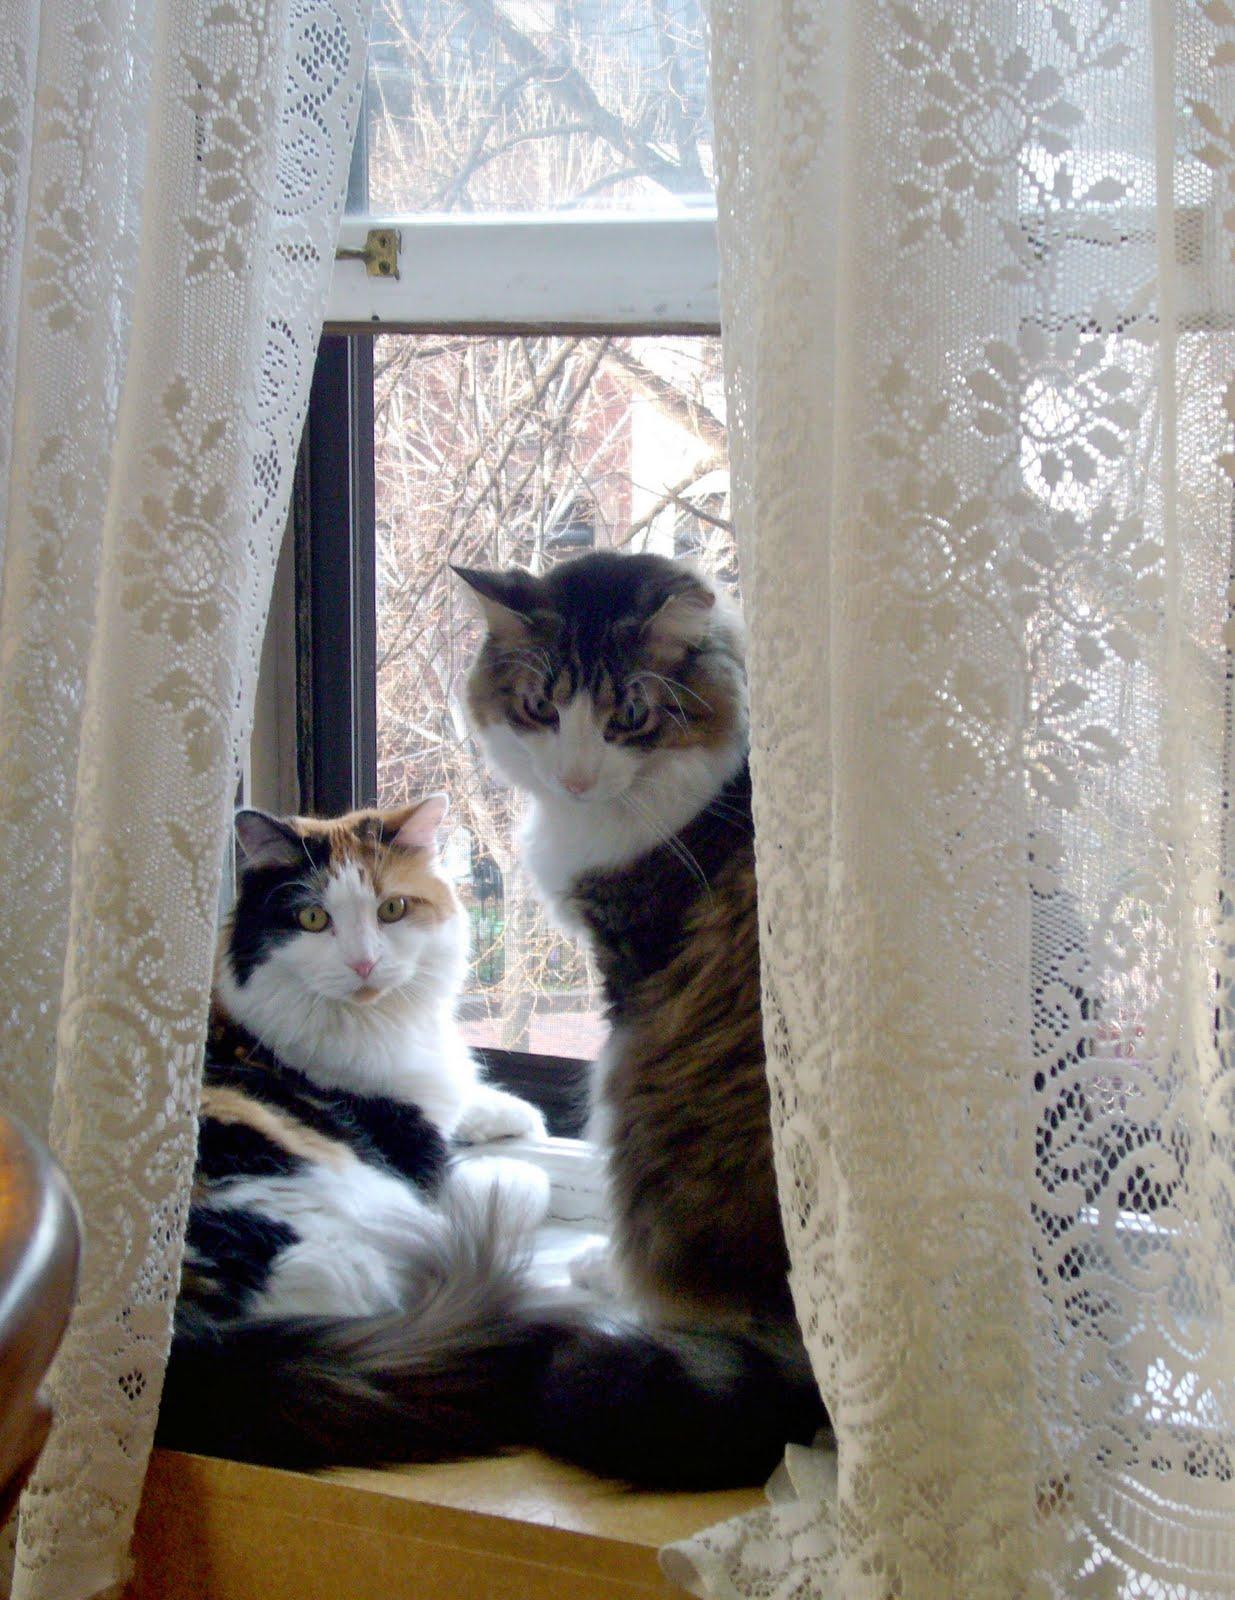 A Proper Bostonian: Cats In Windows